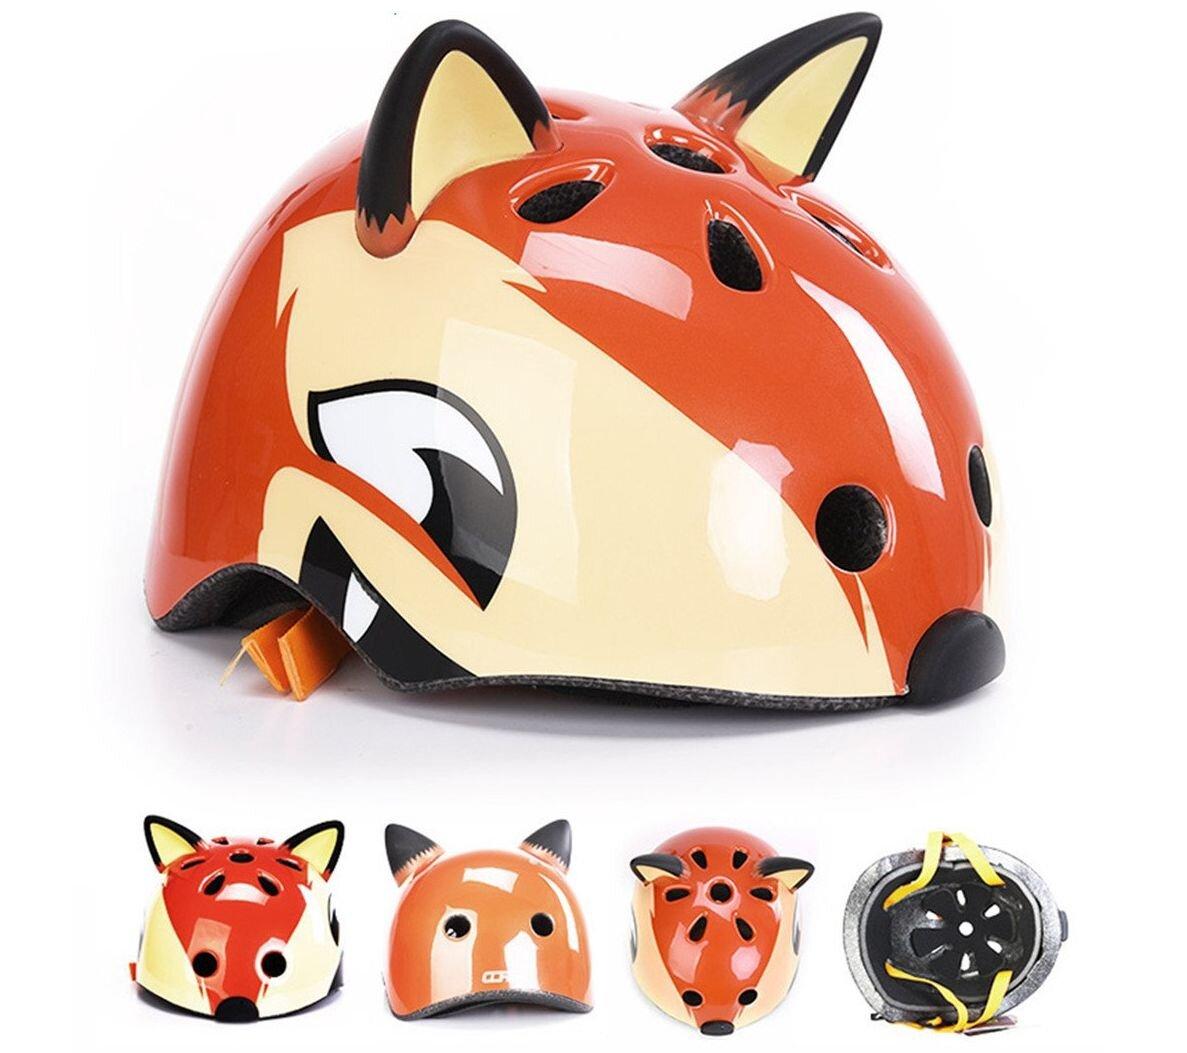 Mũ bảo hiểm trẻ em hình thú Corsa gọn nhẹ, an toàn